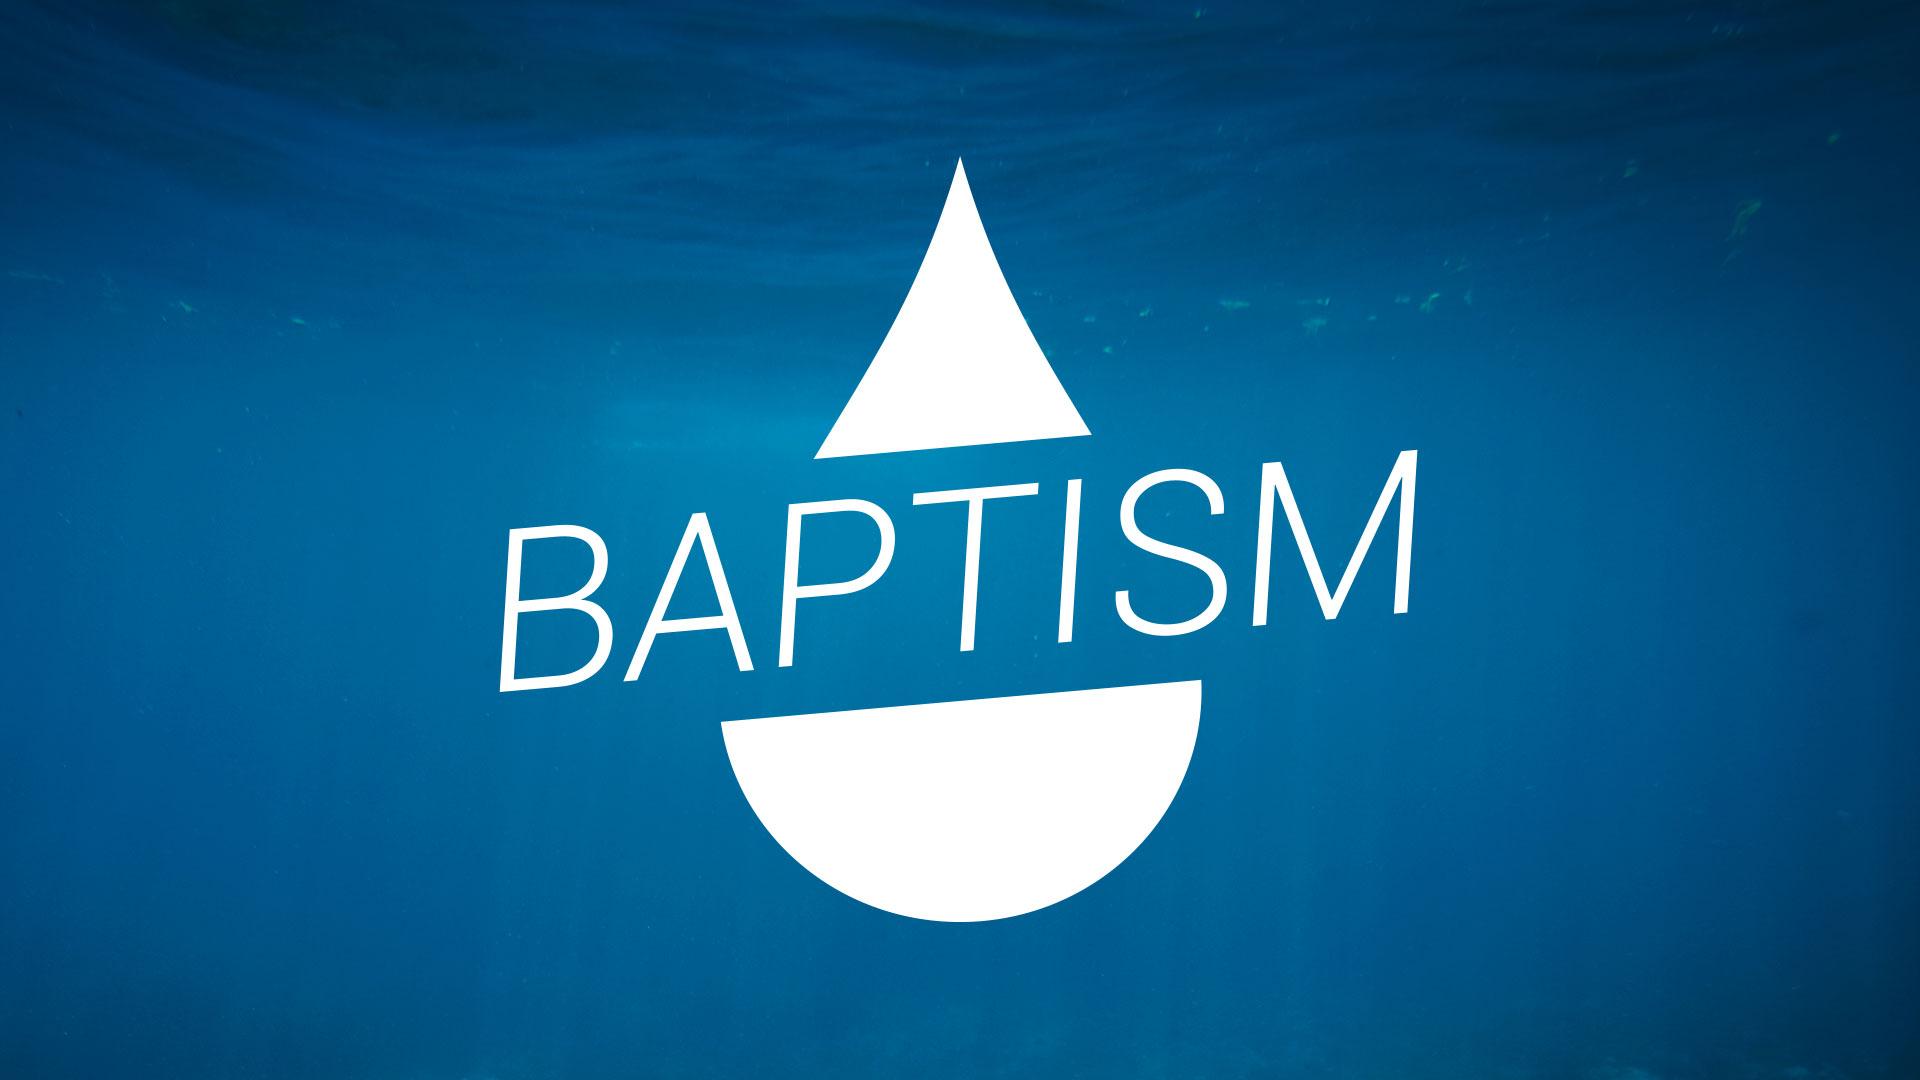 BaptismLogo_1080p-2.jpg